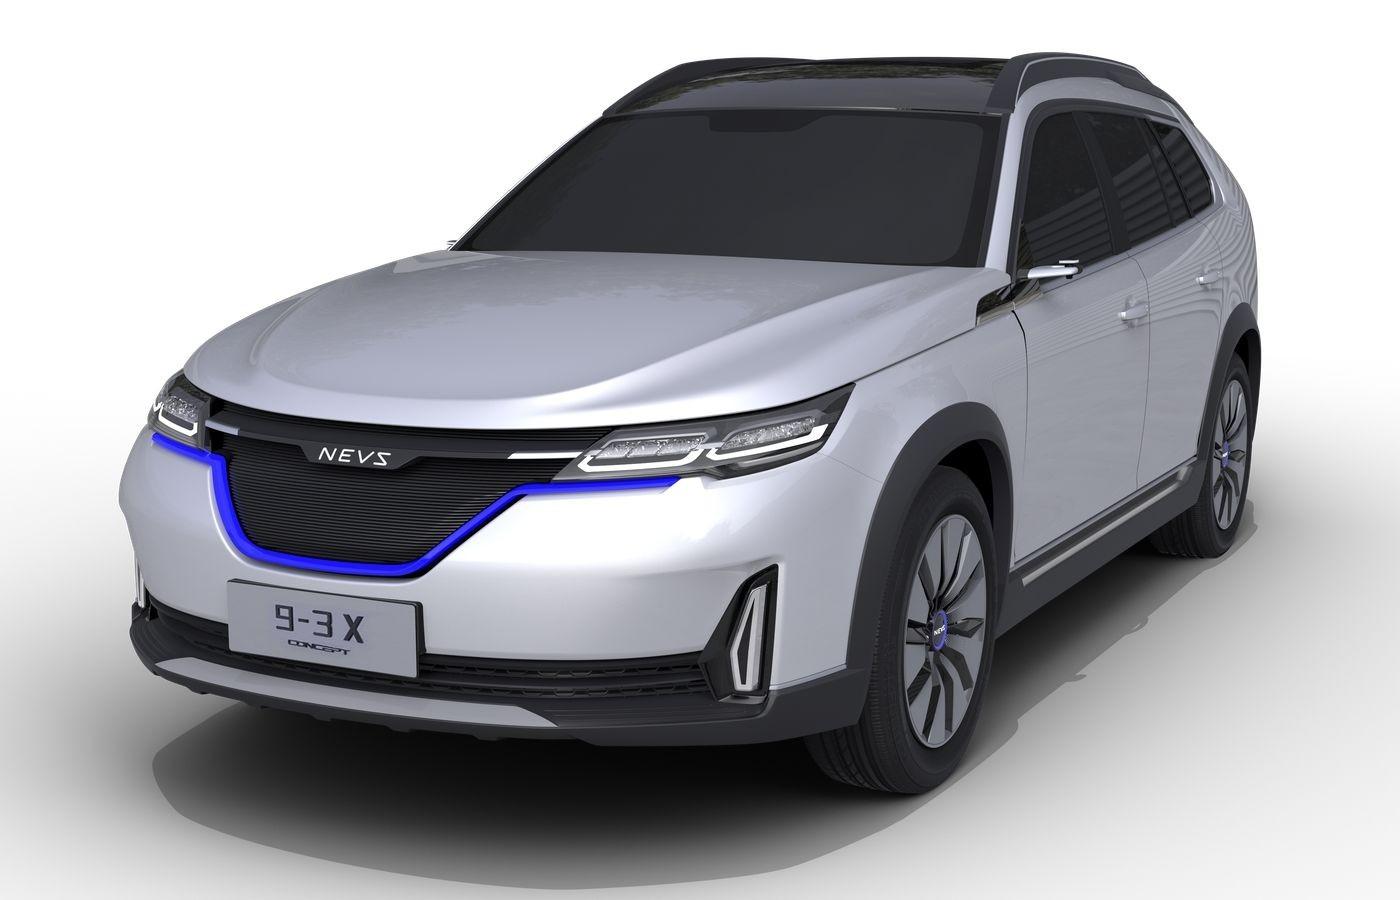 Летом 2017 года NEVS представила модернизированный седан 9-3 и кросс-универсал на его базе с иднексом 9-3X (на фото), однако когда эти машины пойдут в серию, пока неизвестно.